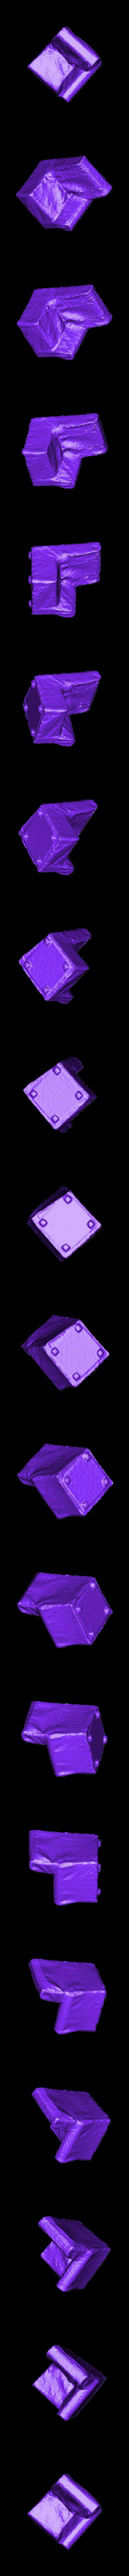 My_Scan_8.stl Télécharger fichier STL gratuit Chaise de maison de poupée - Scanner • Modèle imprimable en 3D, Not3dred